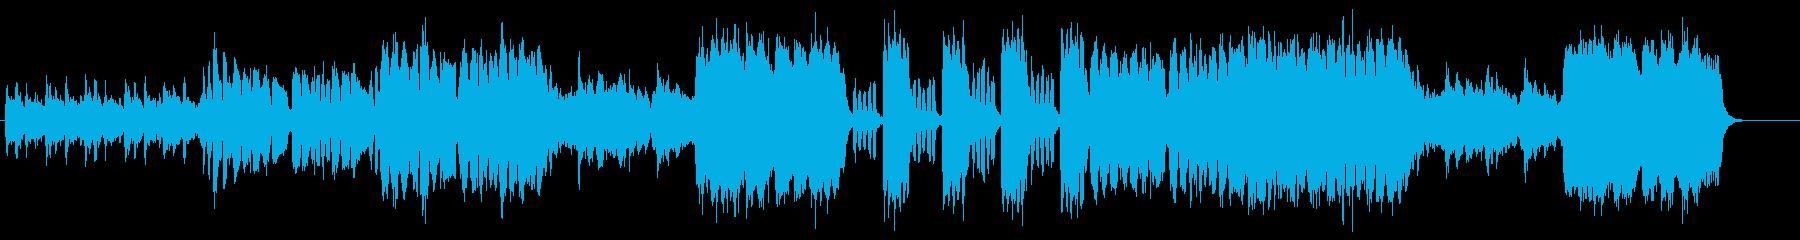 ダークなオーケストレーション・サウンドの再生済みの波形